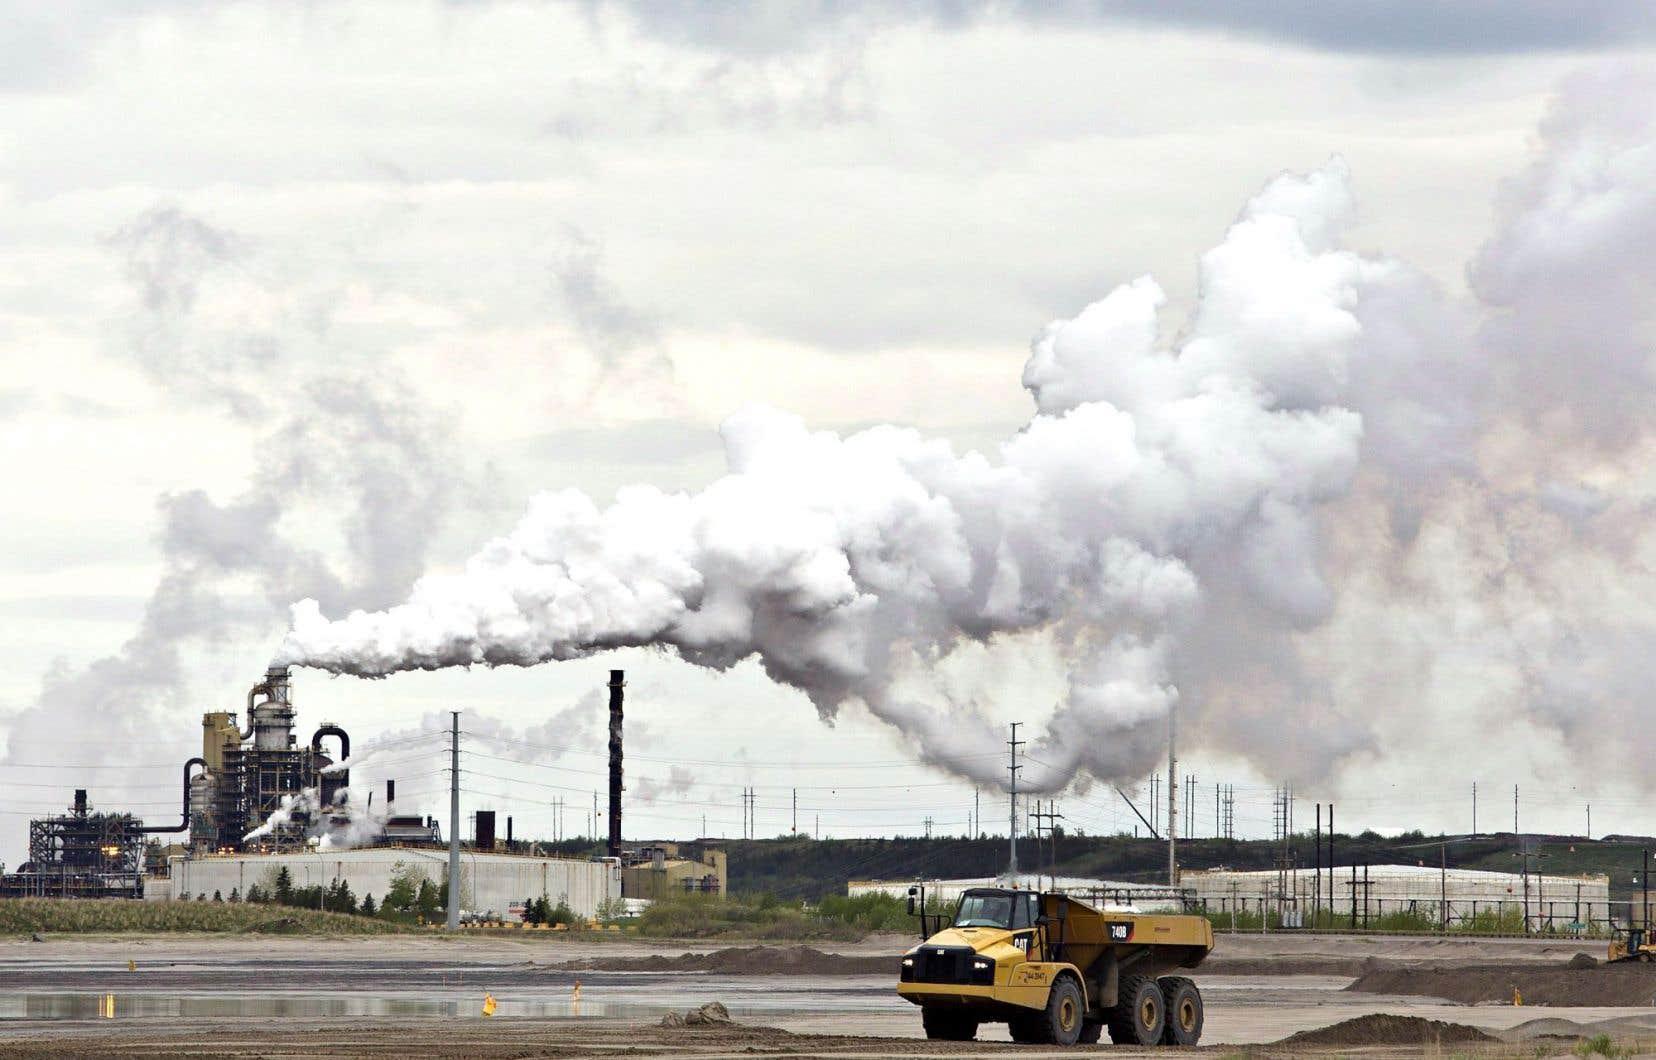 Les sables bitumineux de l'Alberta figurent parmi les sources de pollution les plus importantes au Canada.